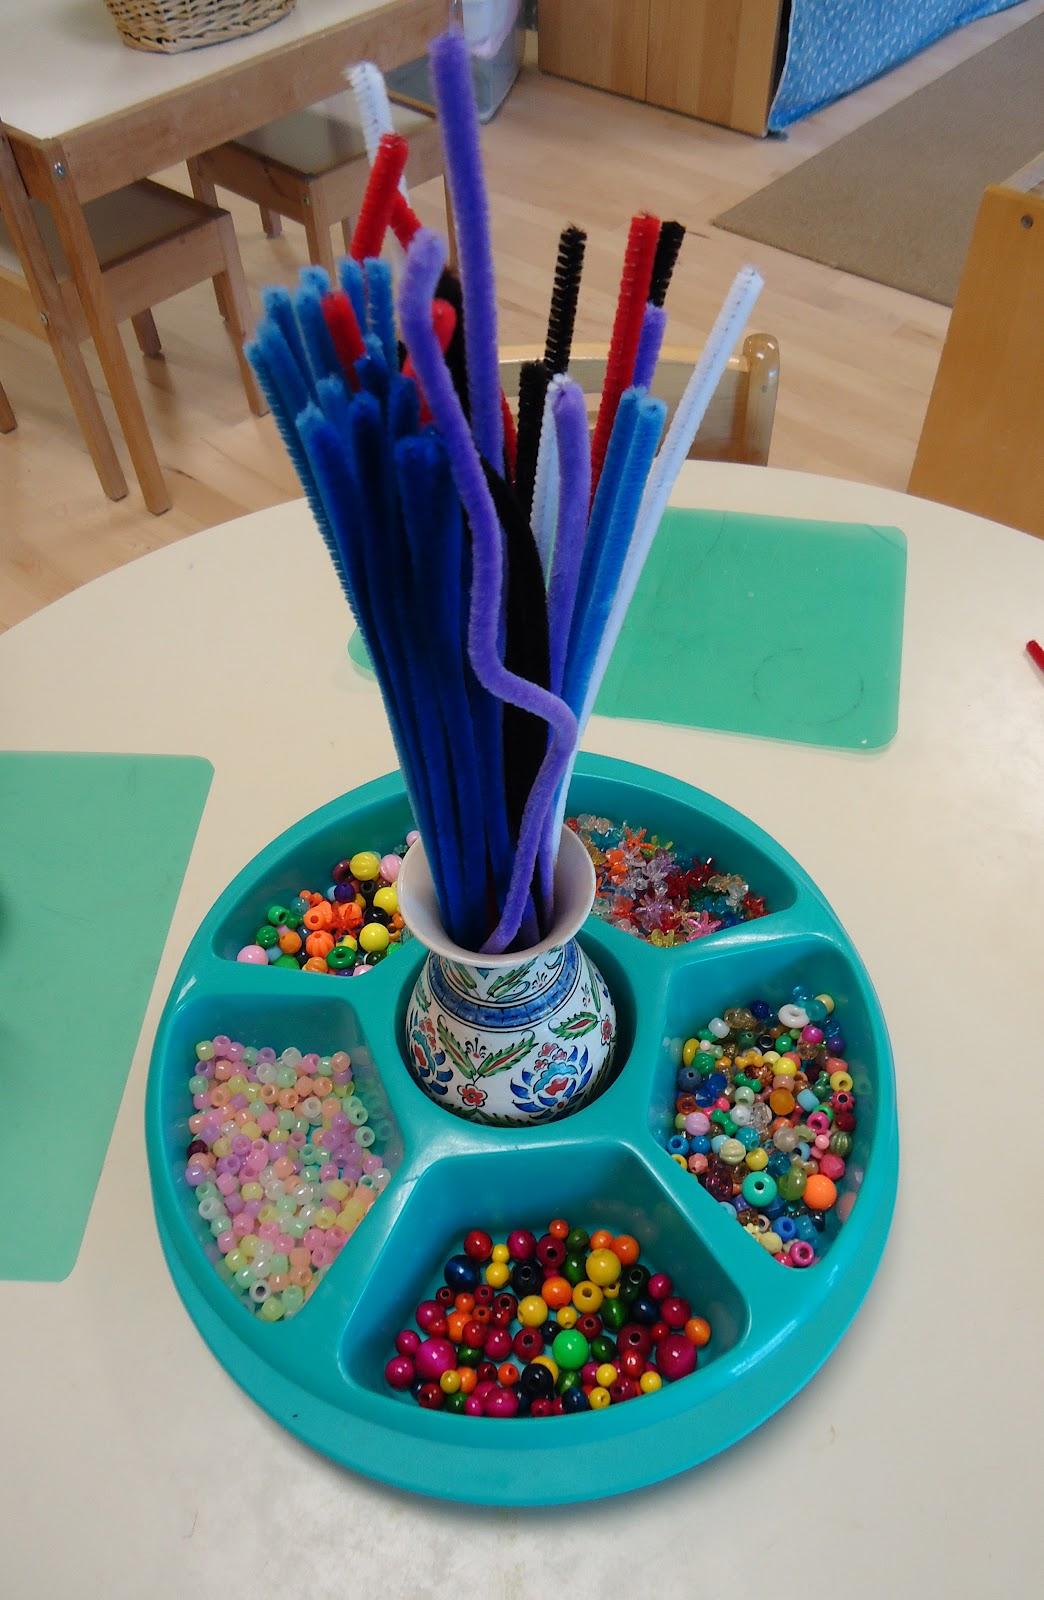 Pipe cleaner sculptures dirigo montessori school for Montessori fine motor skills